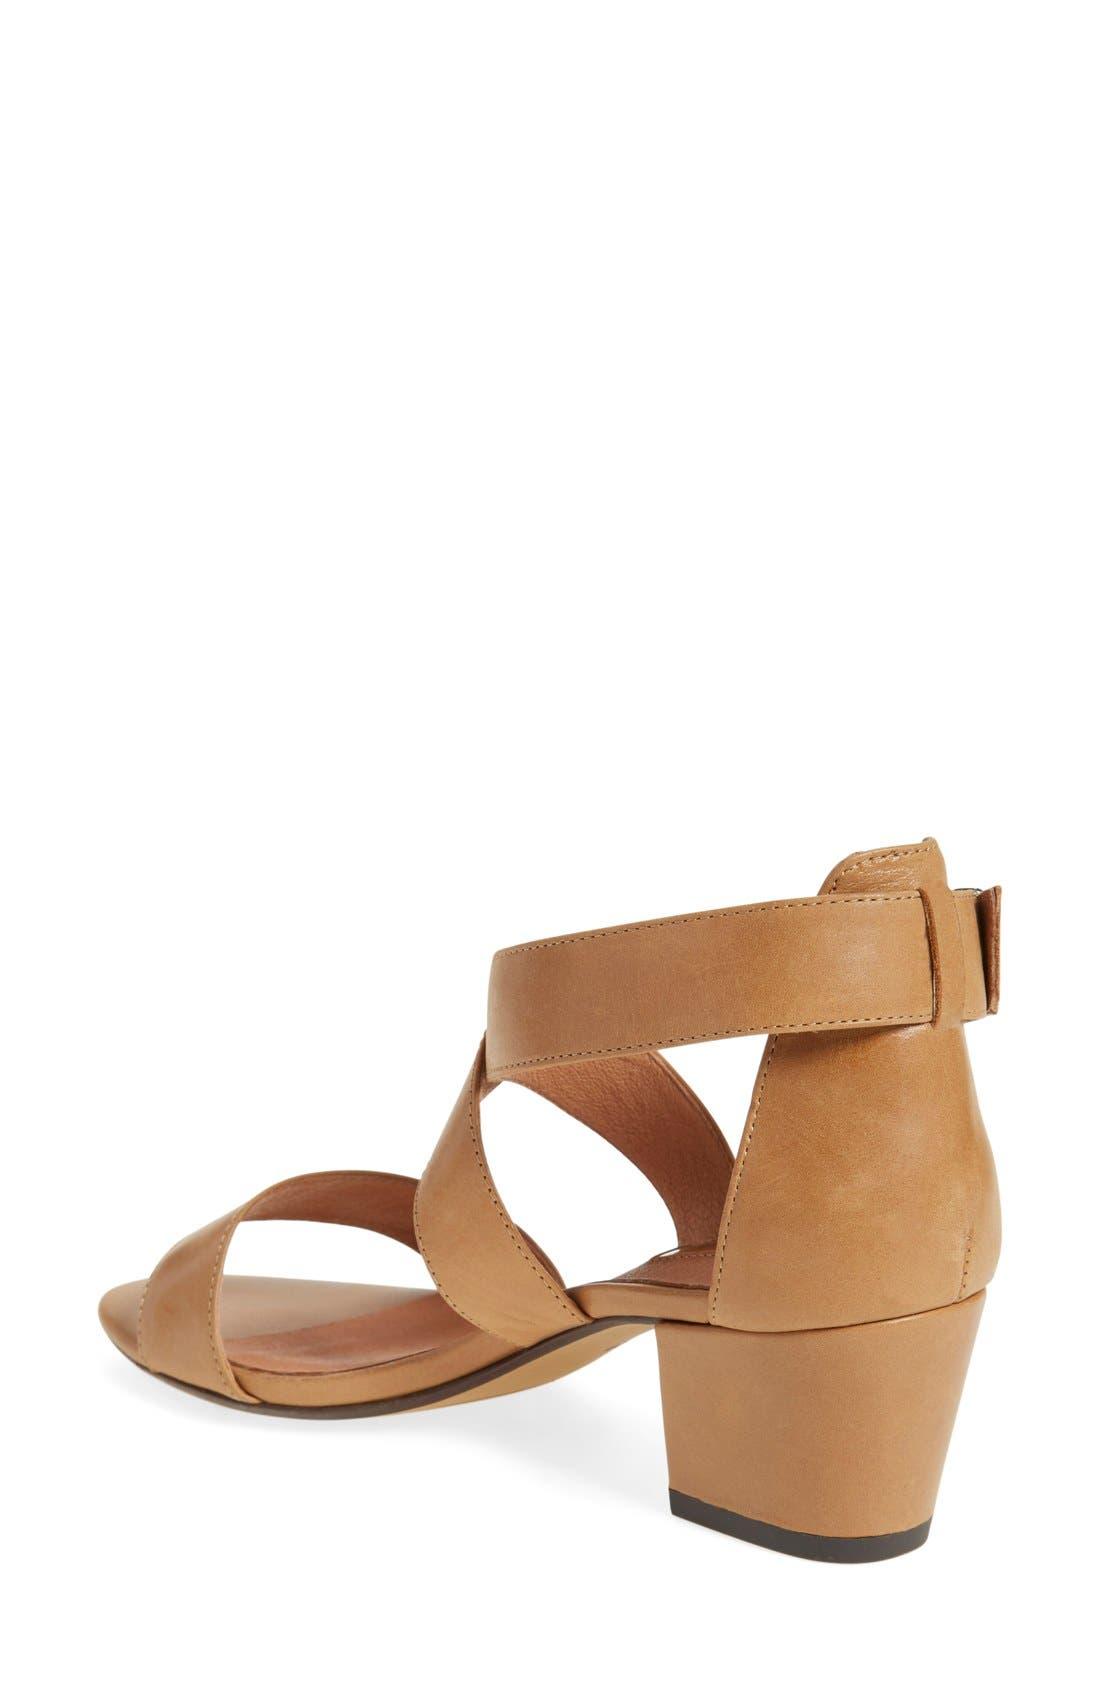 Halogen 'Rena' Crisscross Strap Sandal,                             Alternate thumbnail 2, color,                             Cognac